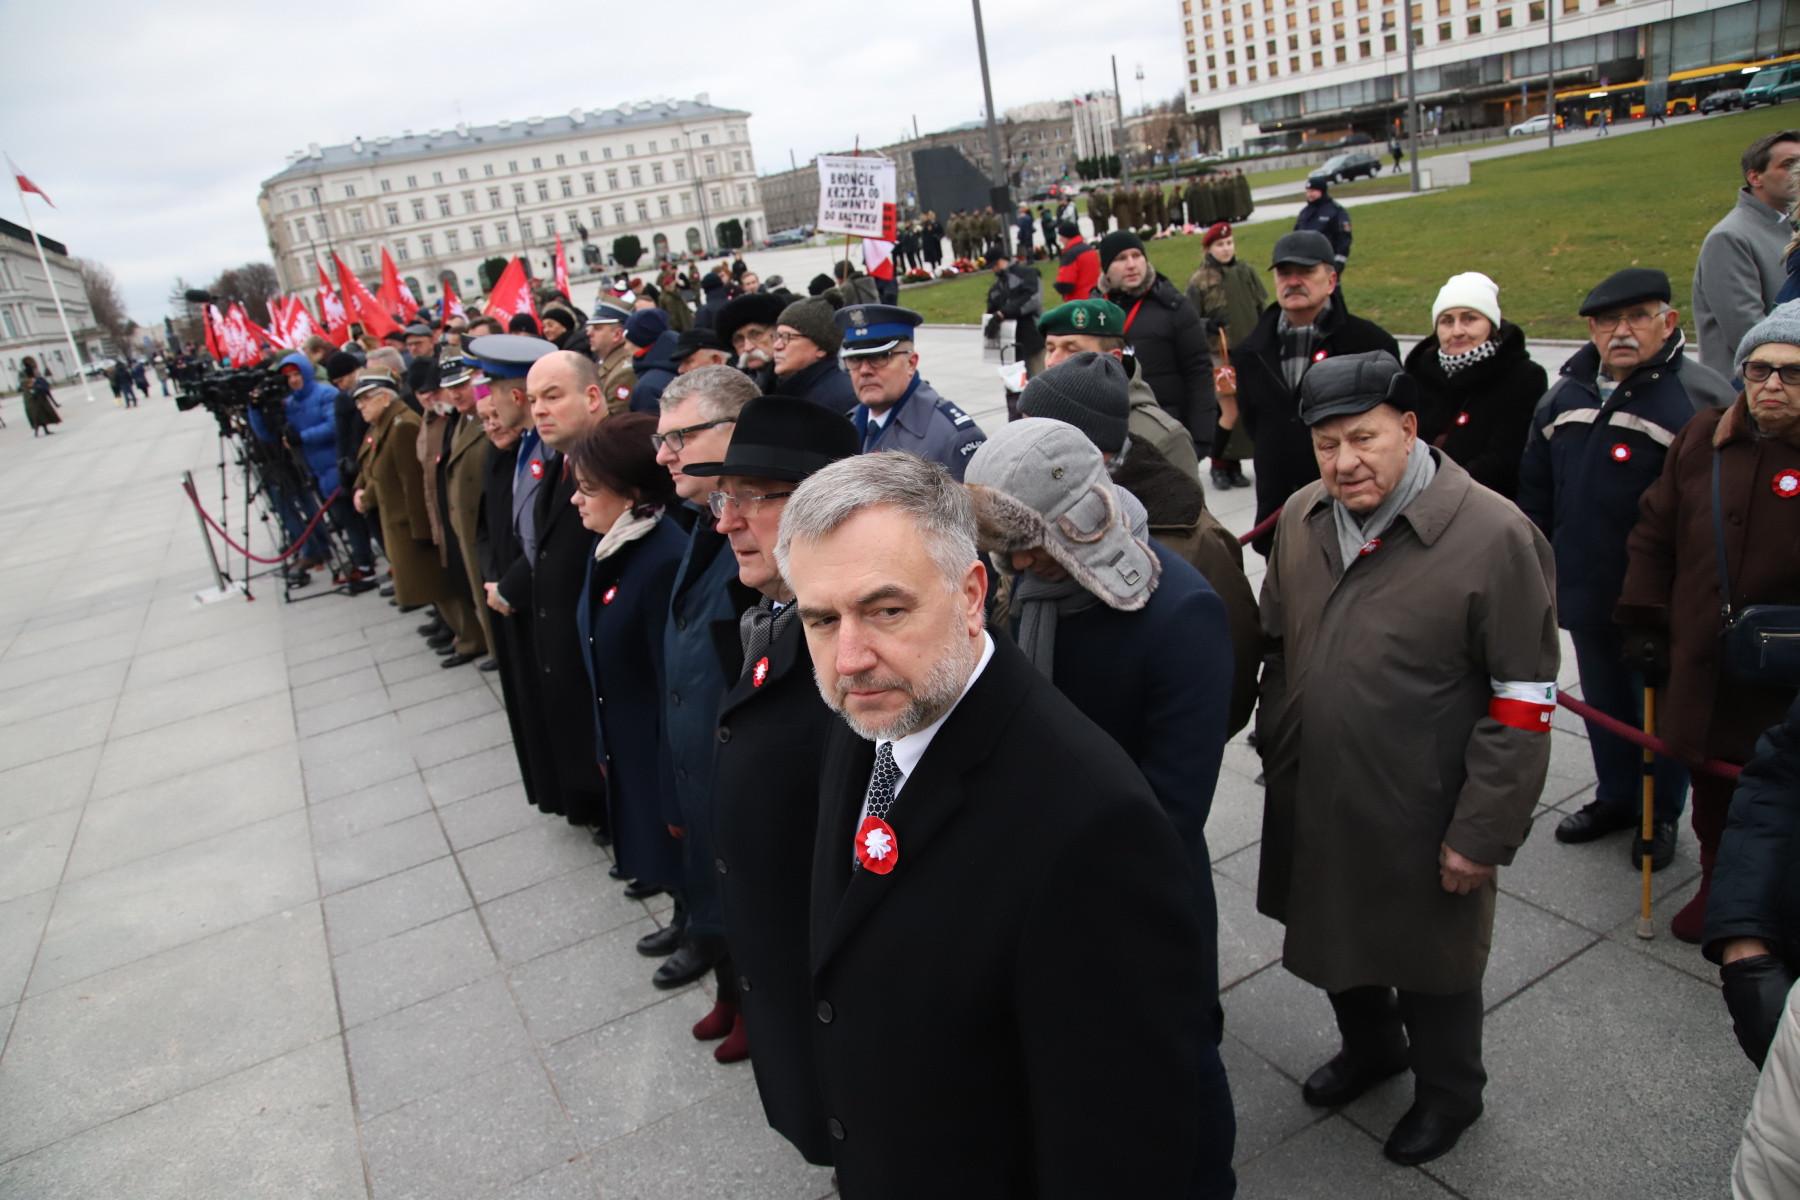 Uroczystości z okazji 101. rocznicy wybuchu Powstania Wielkopolskiego - relacja z obchodów w Warszawie